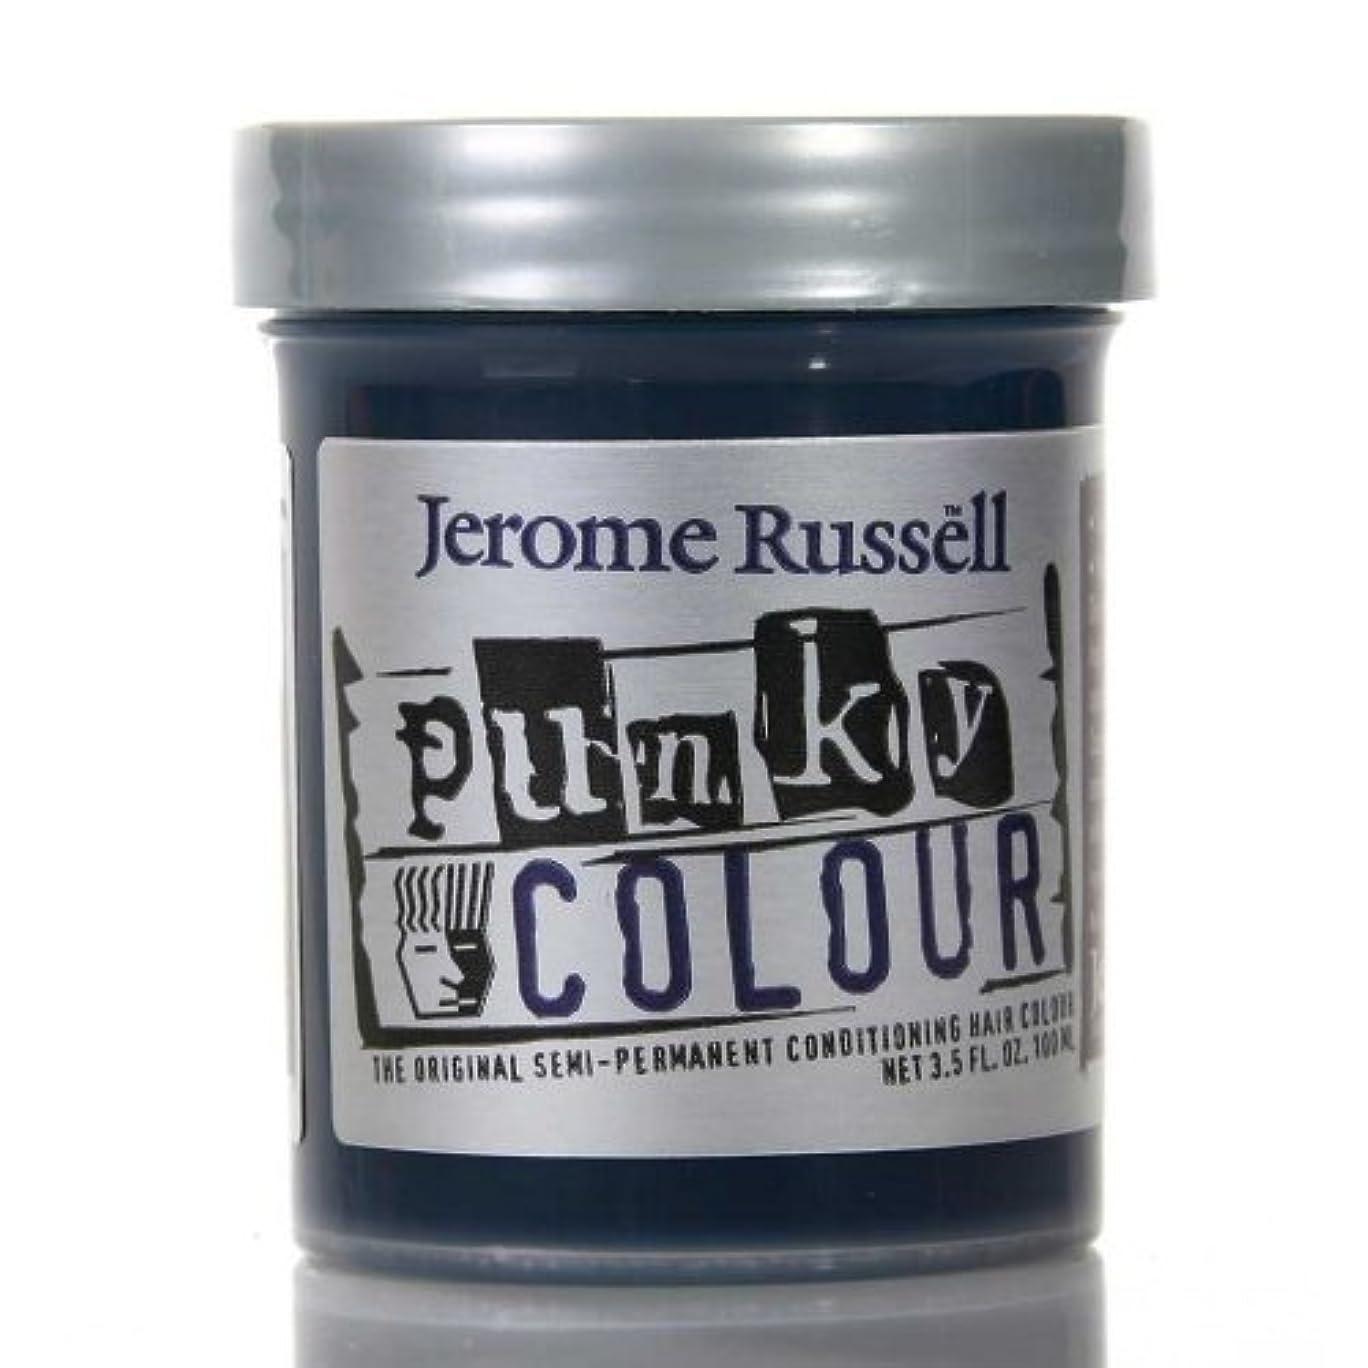 リア王コンサルタント無視JEROME RUSSELL Punky Color Semi-Permanent Conditioning Hair Color - Midnight Blue (並行輸入品)